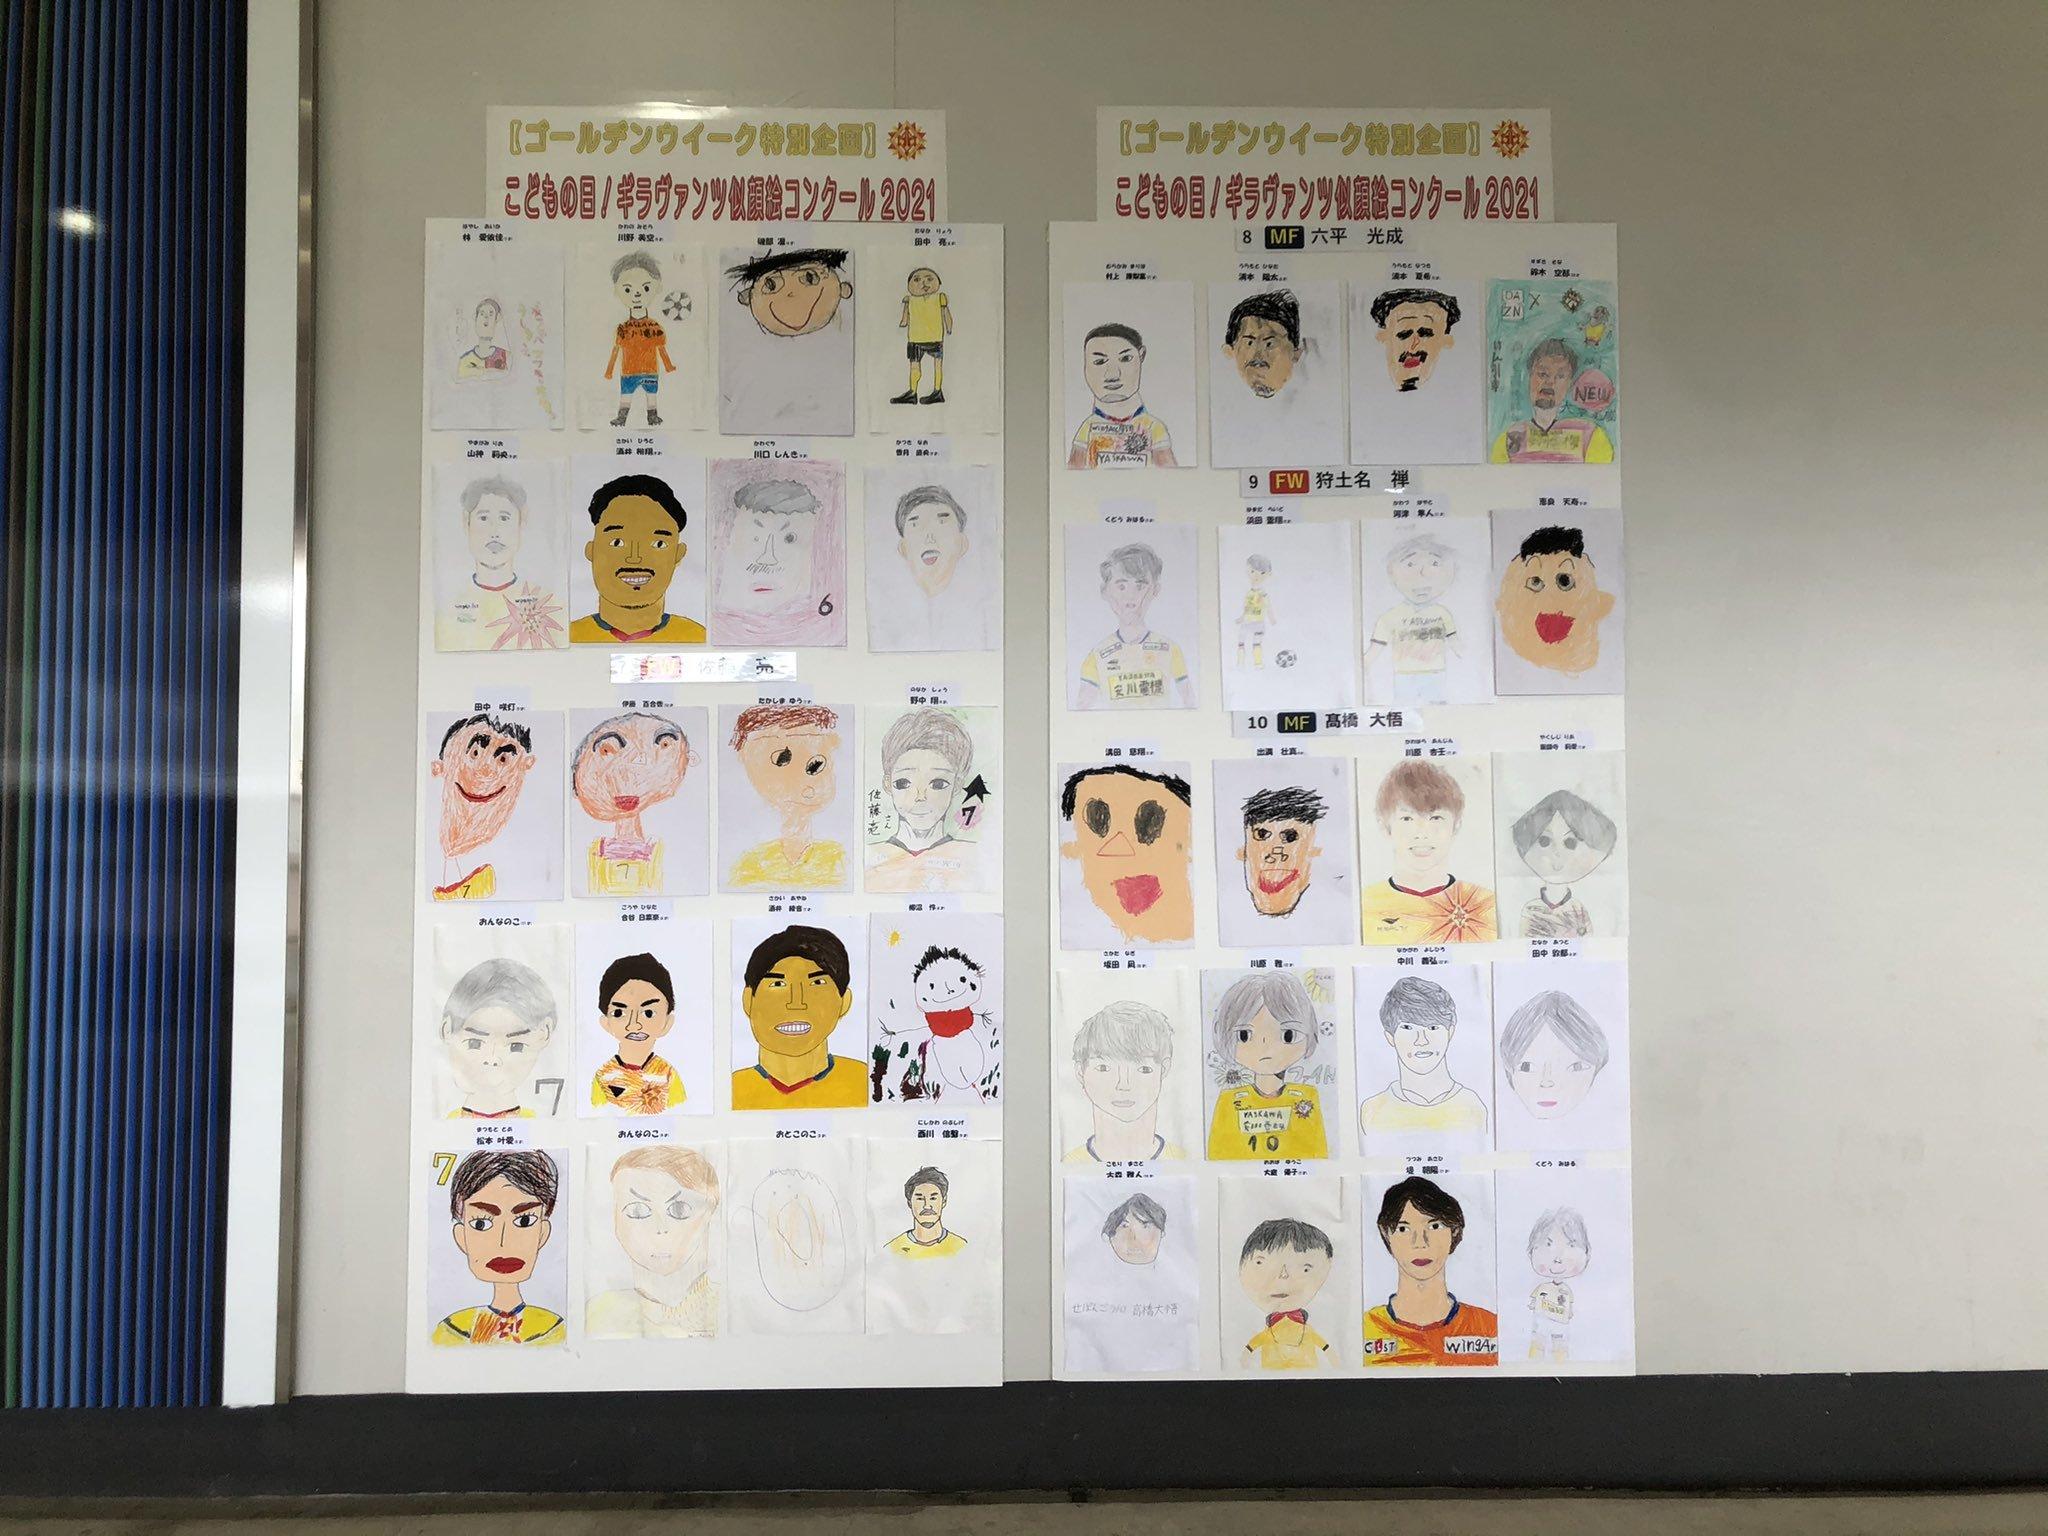 Чемпионат по обжорству и конкурс детских рисунков: как японский клуб заманивает болельщиков (+Фото, Видео) - изображение 9